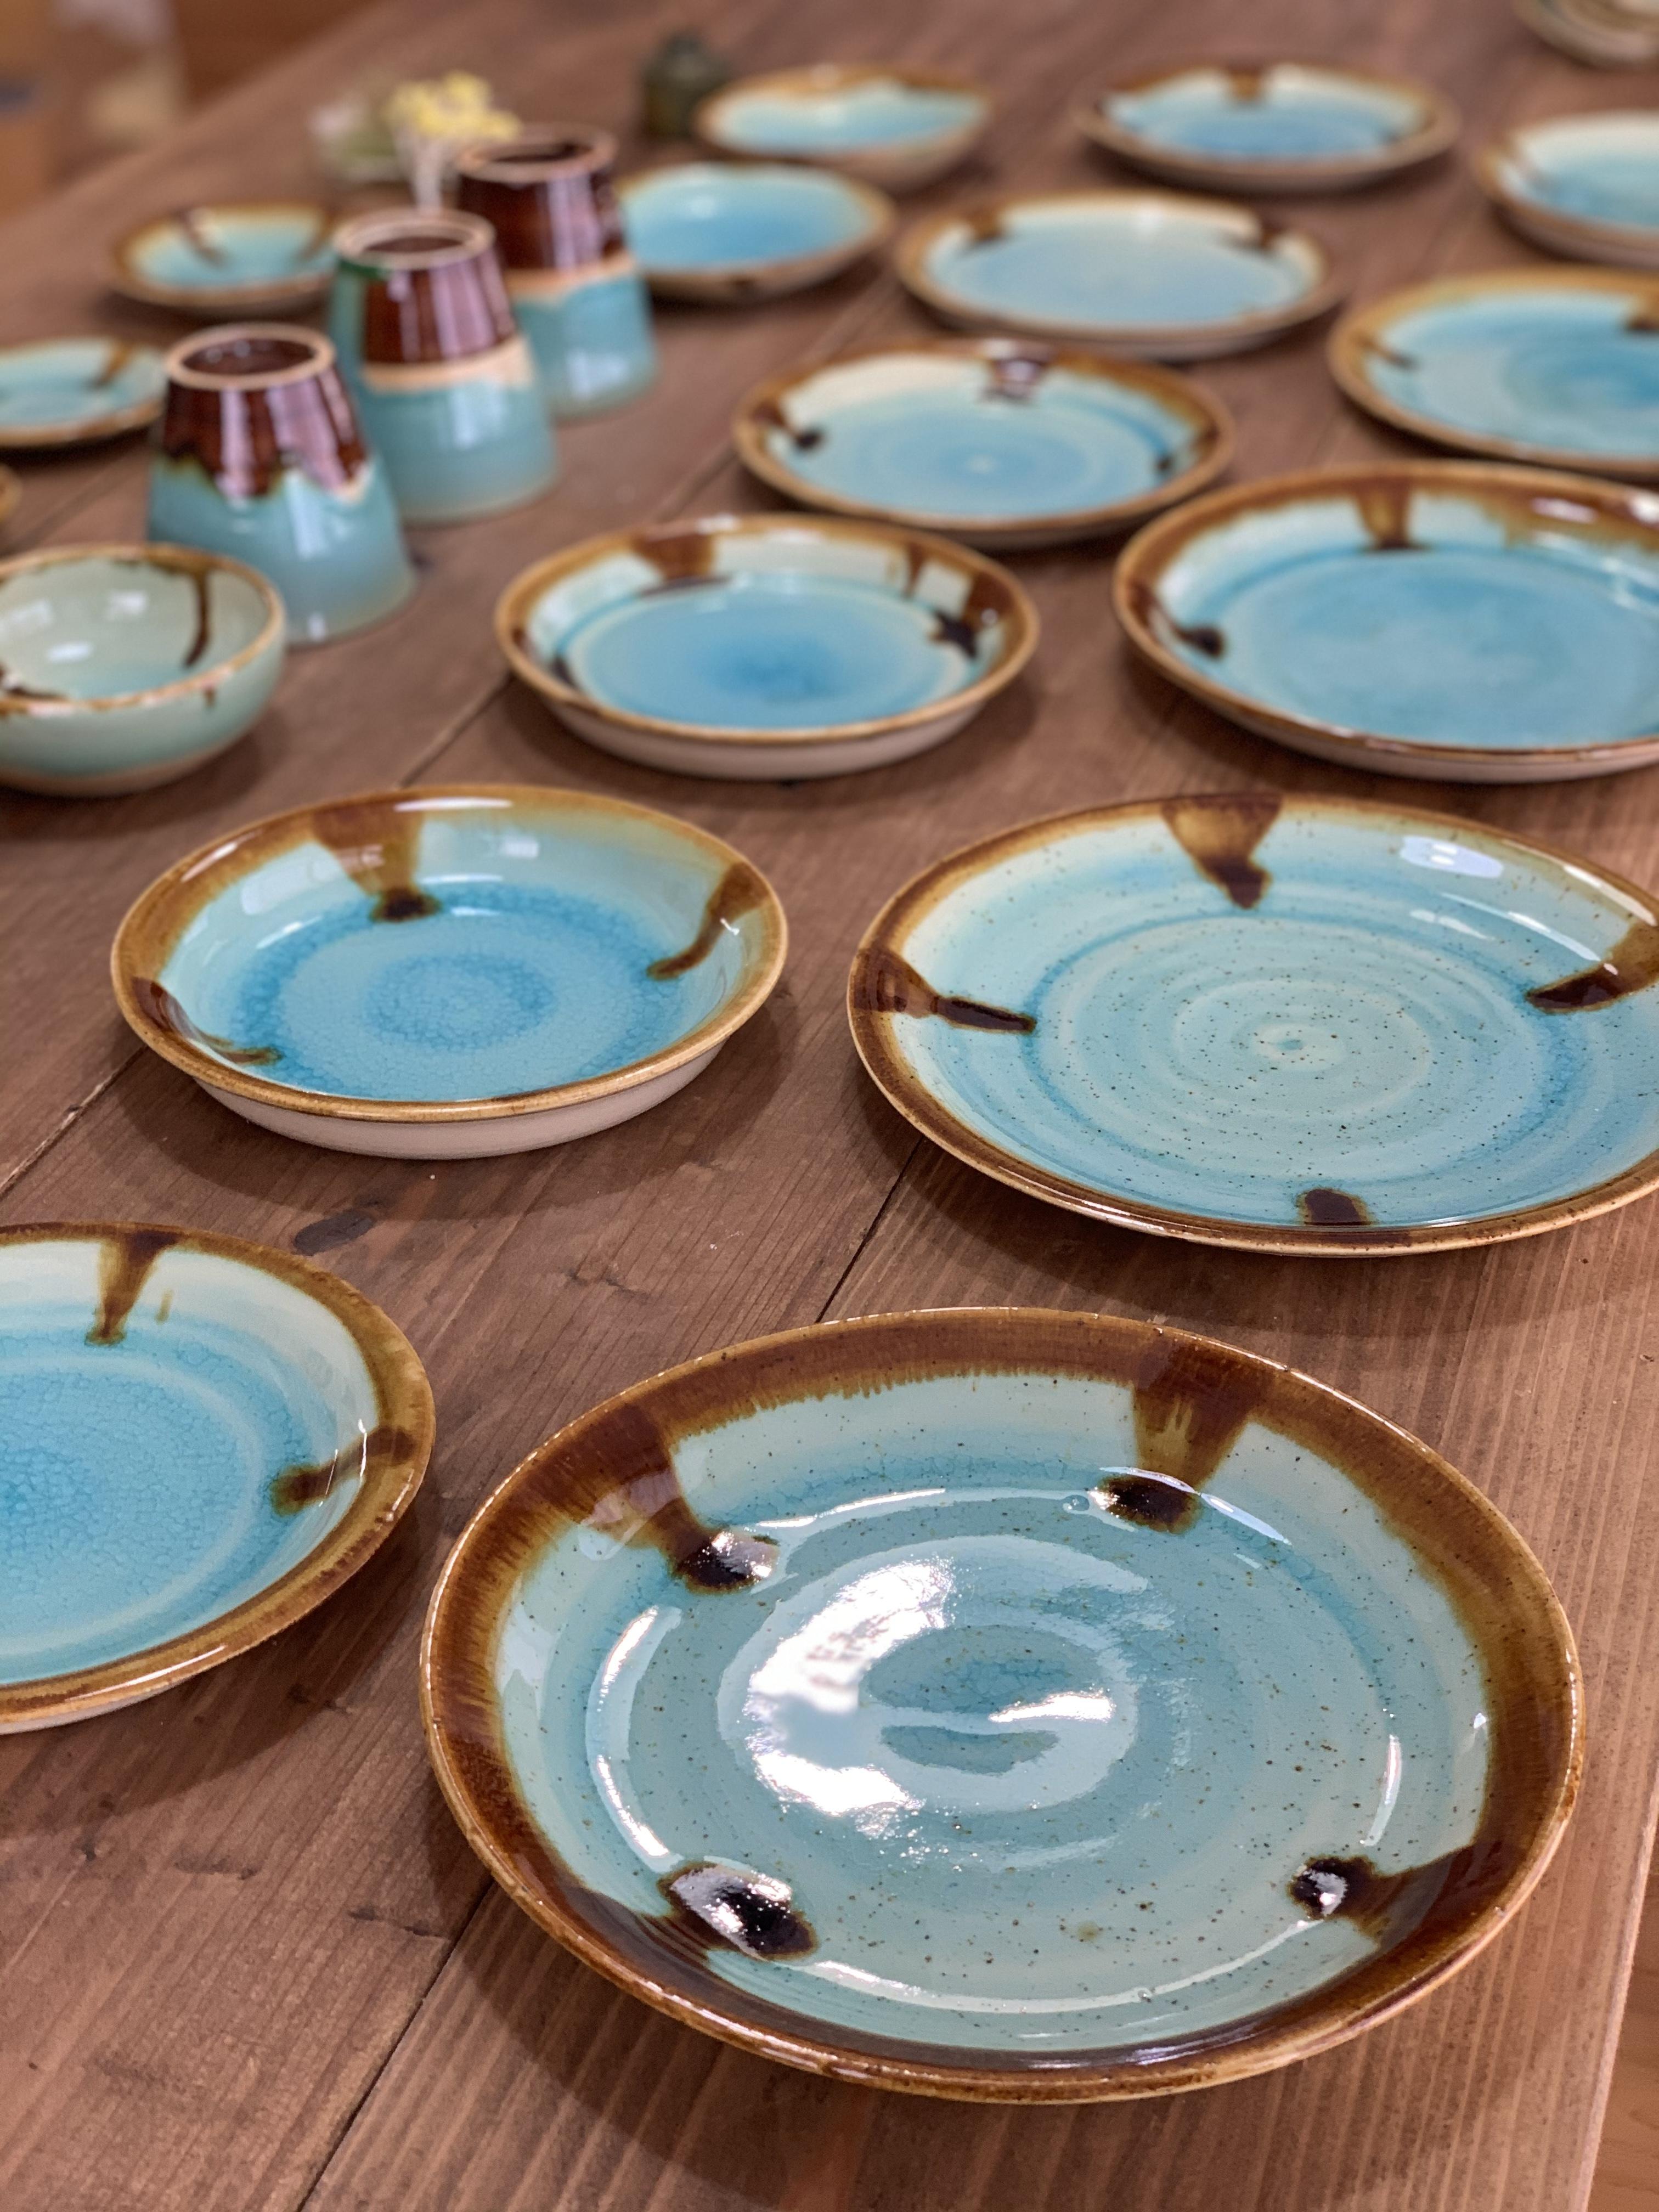 『Al mare アルマーレ』43 Pottery オリジナル20cmリムアップ